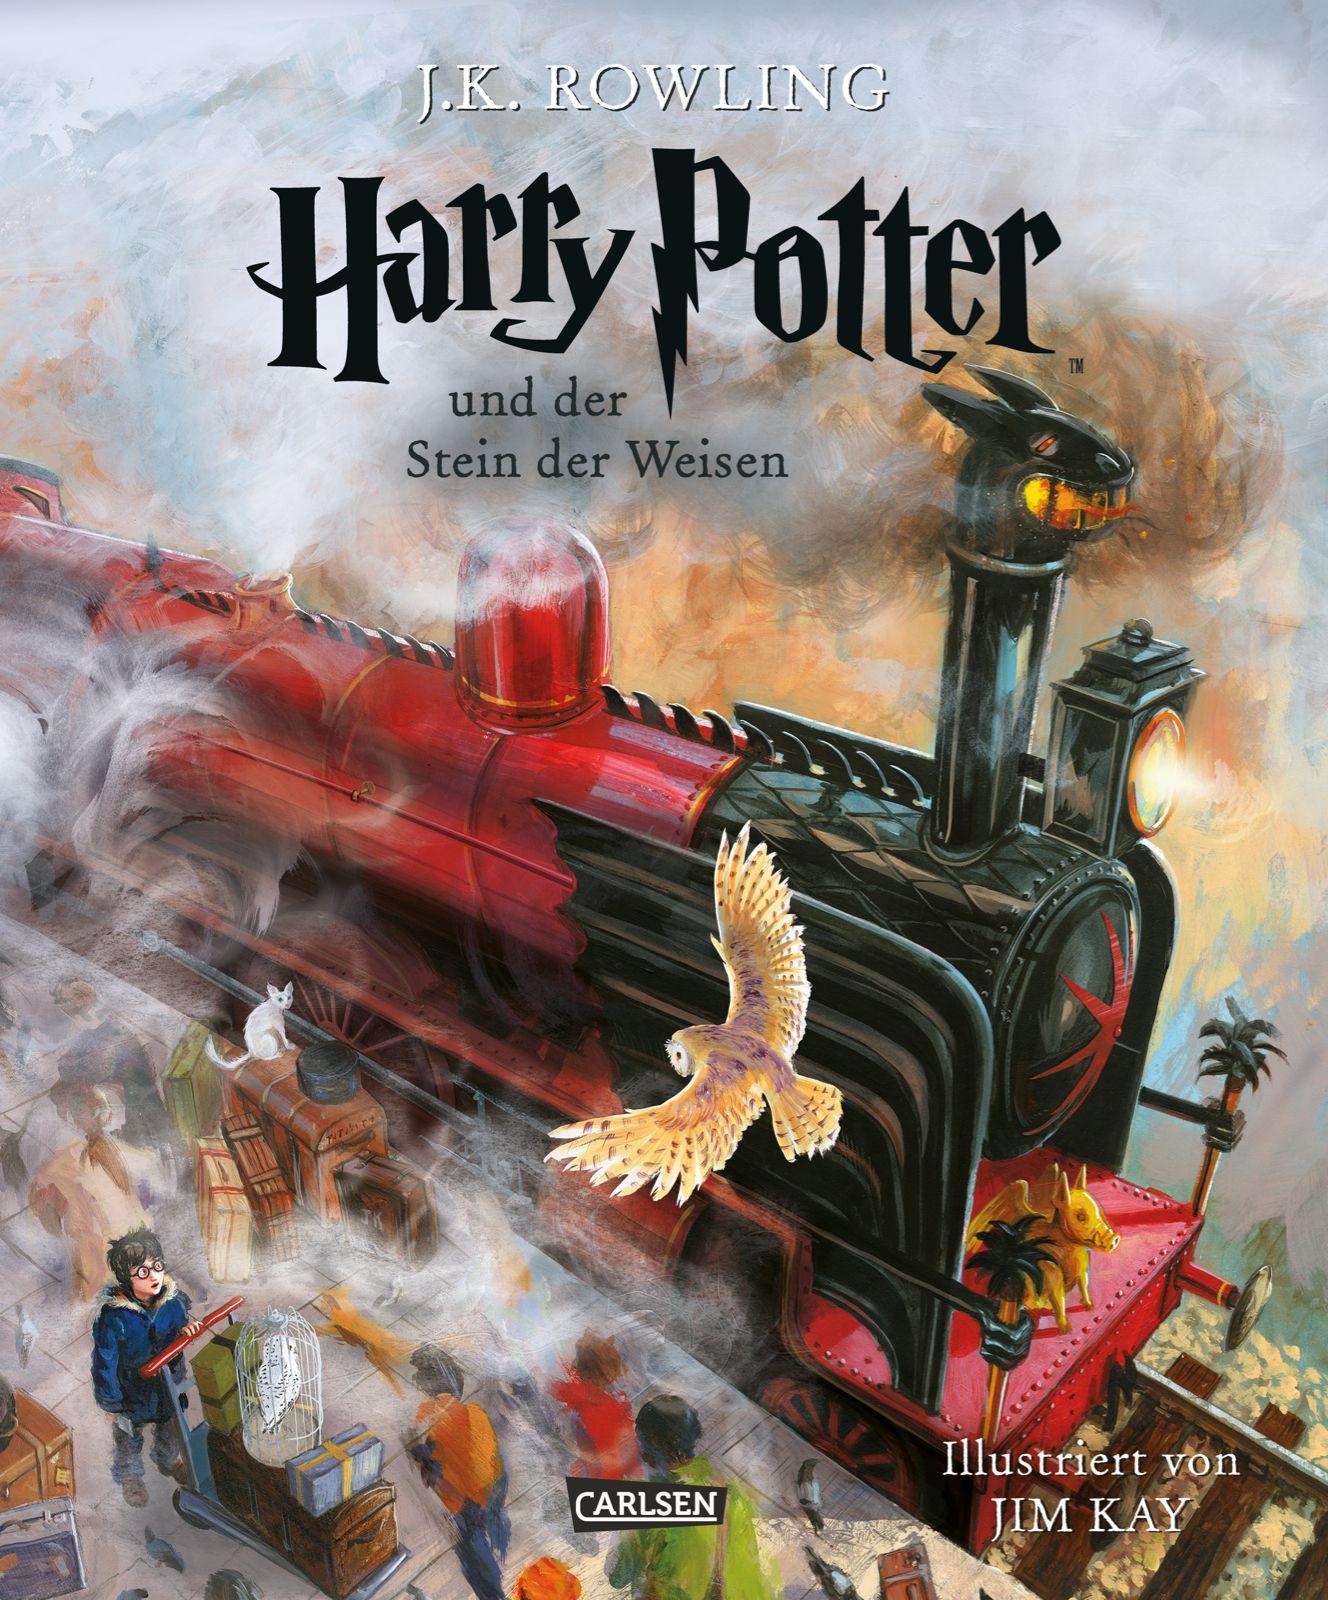 Harry Potter Band 1 Harry Potter Und Der Stein Der Weisen Vierfarbig Illustrierte Schmuckausgabe Joann Stein Der Weisen Kinderbucher Rowling Harry Potter